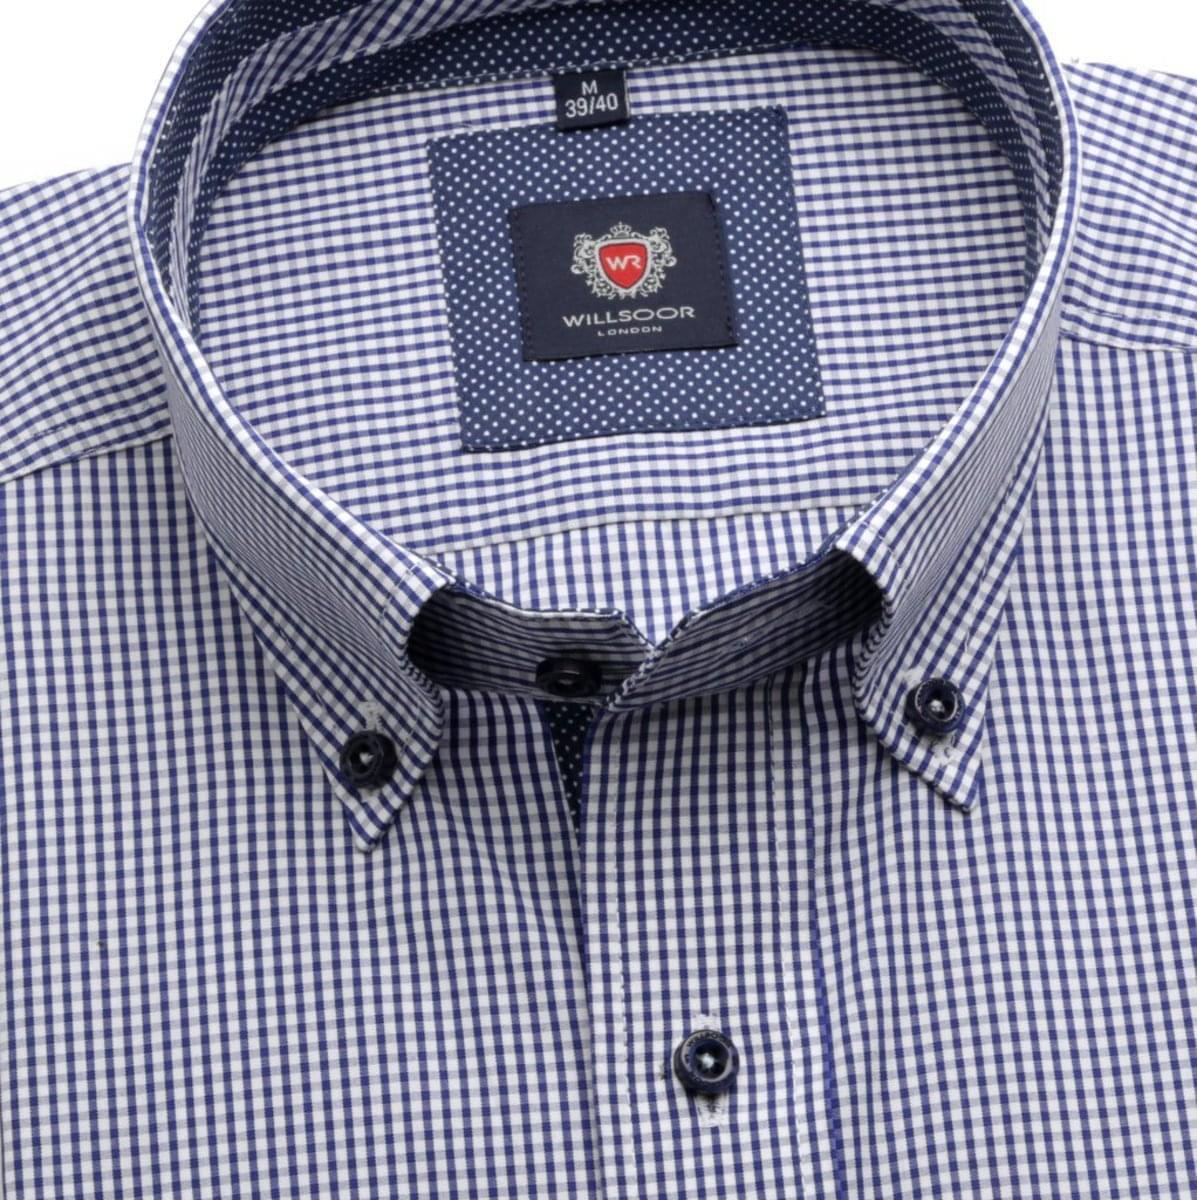 Pánská klasická košile London (výška 164-170) 6075 s bílo-modrou kostkou a formulí Easy Care 164-170 / XL (43/44)